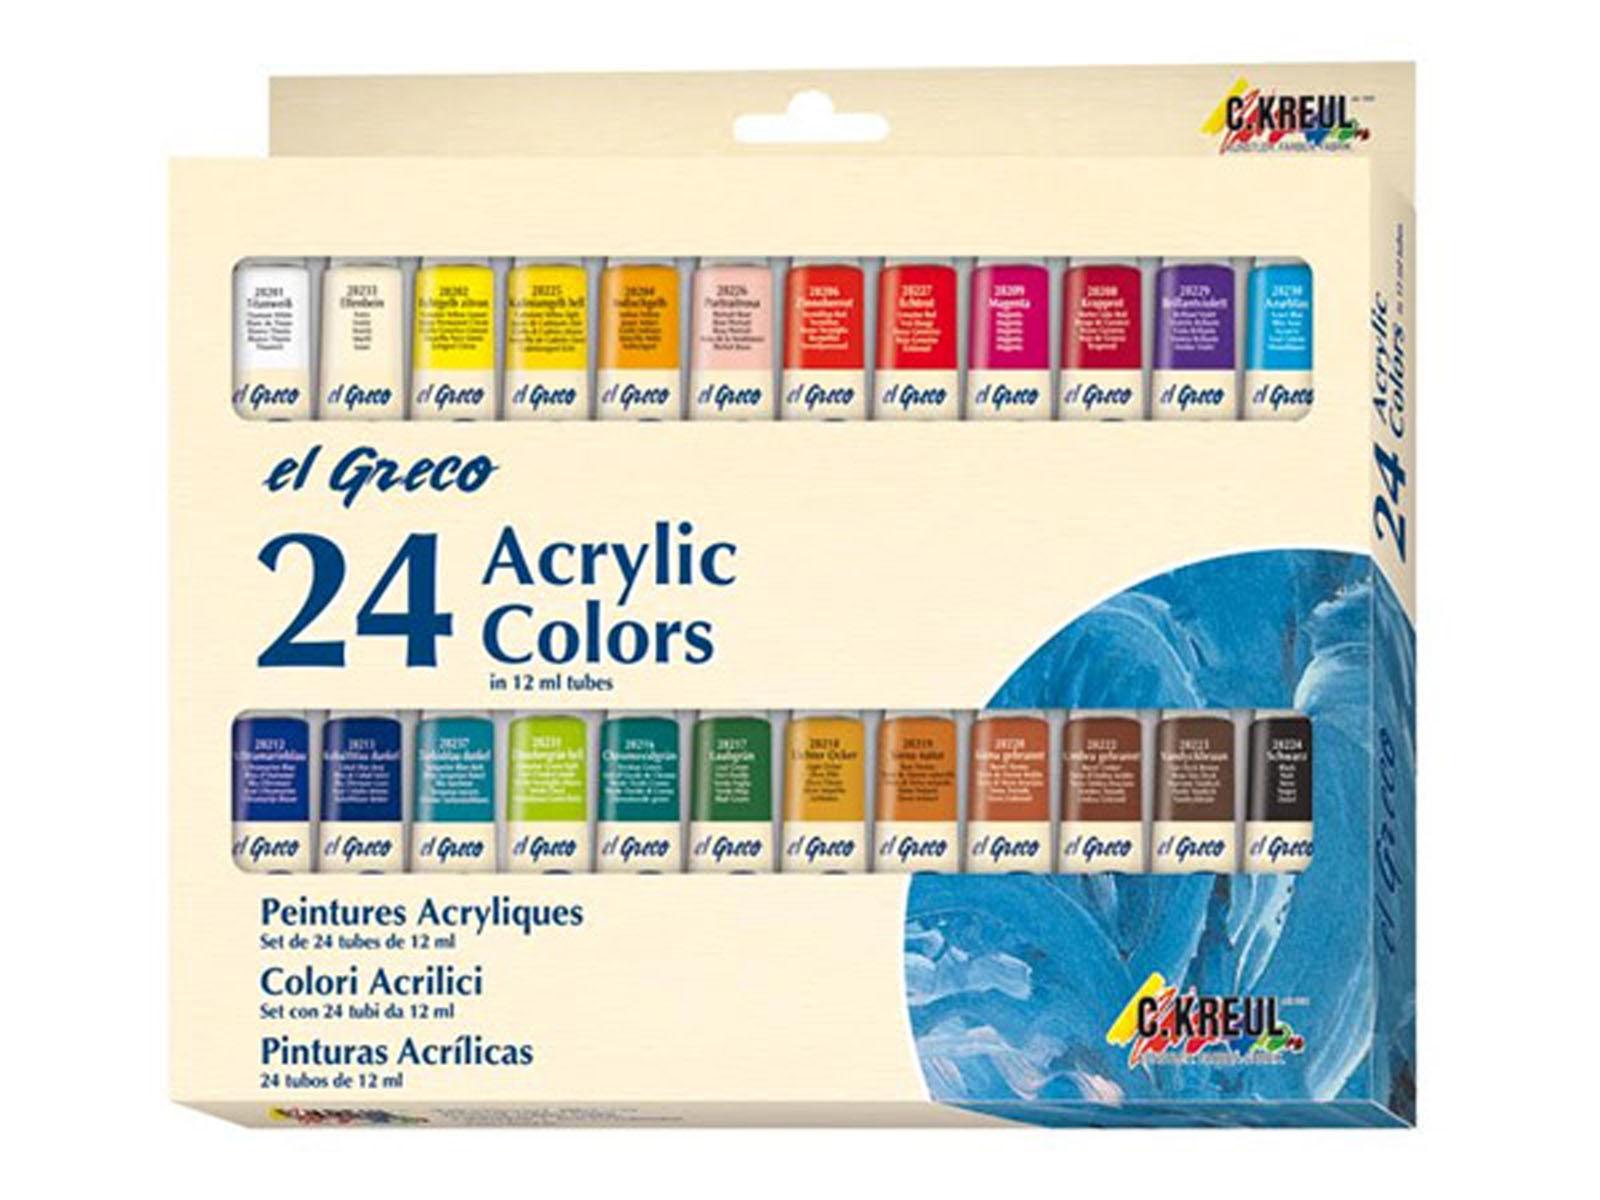 Краски акриловые Kreul El Greco, 24 цветаKR-28253Набор художественных акриловых красок для учащихся и профессионалов. На водной основе для таких поверхностей, как холст, картон, бумага, камень, металл, кожа и многих других. Краски быстро сохнут, создавая при этом глянцевую поверхность, разбавляются водой, хорошо смешиваются друг с другом. Краски обладают яркими, светостойкими и укрывистыми цветами, могут быть как покрывными, так и прозрачными, наносятся кистью или мастихином, после высыхания поверхность становится водостойкой и эластичной. Состав: 24 акриловые краски в алюминиевых тубах по 12 мл